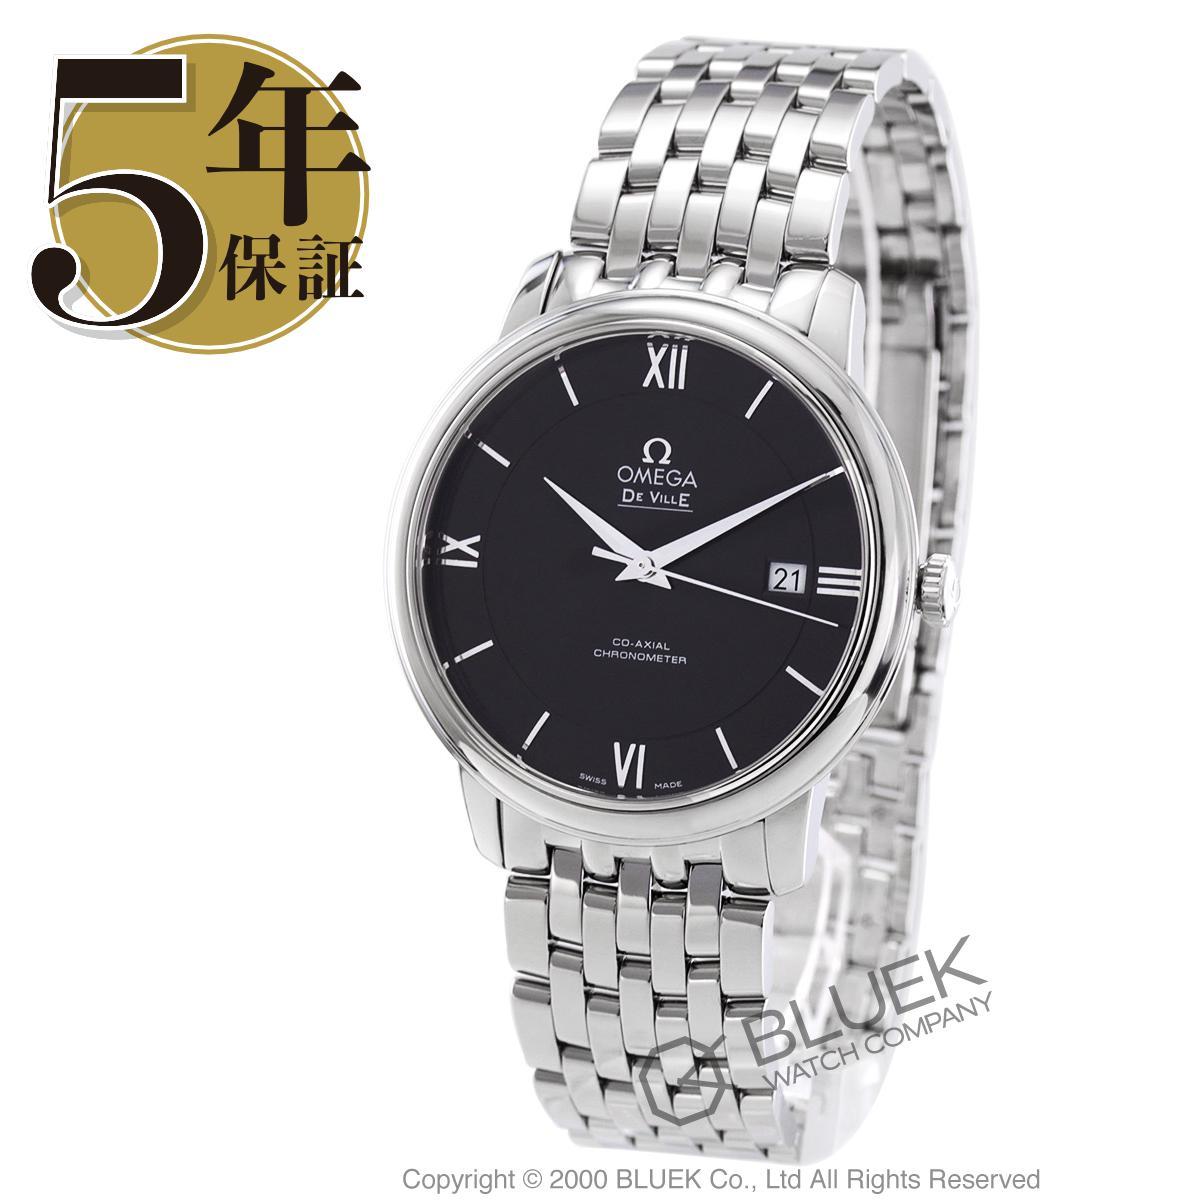 【最大3万円割引クーポン 11/01~】オメガ デビル プレステージ 腕時計 メンズ OMEGA 424.10.40.20.01.001_8